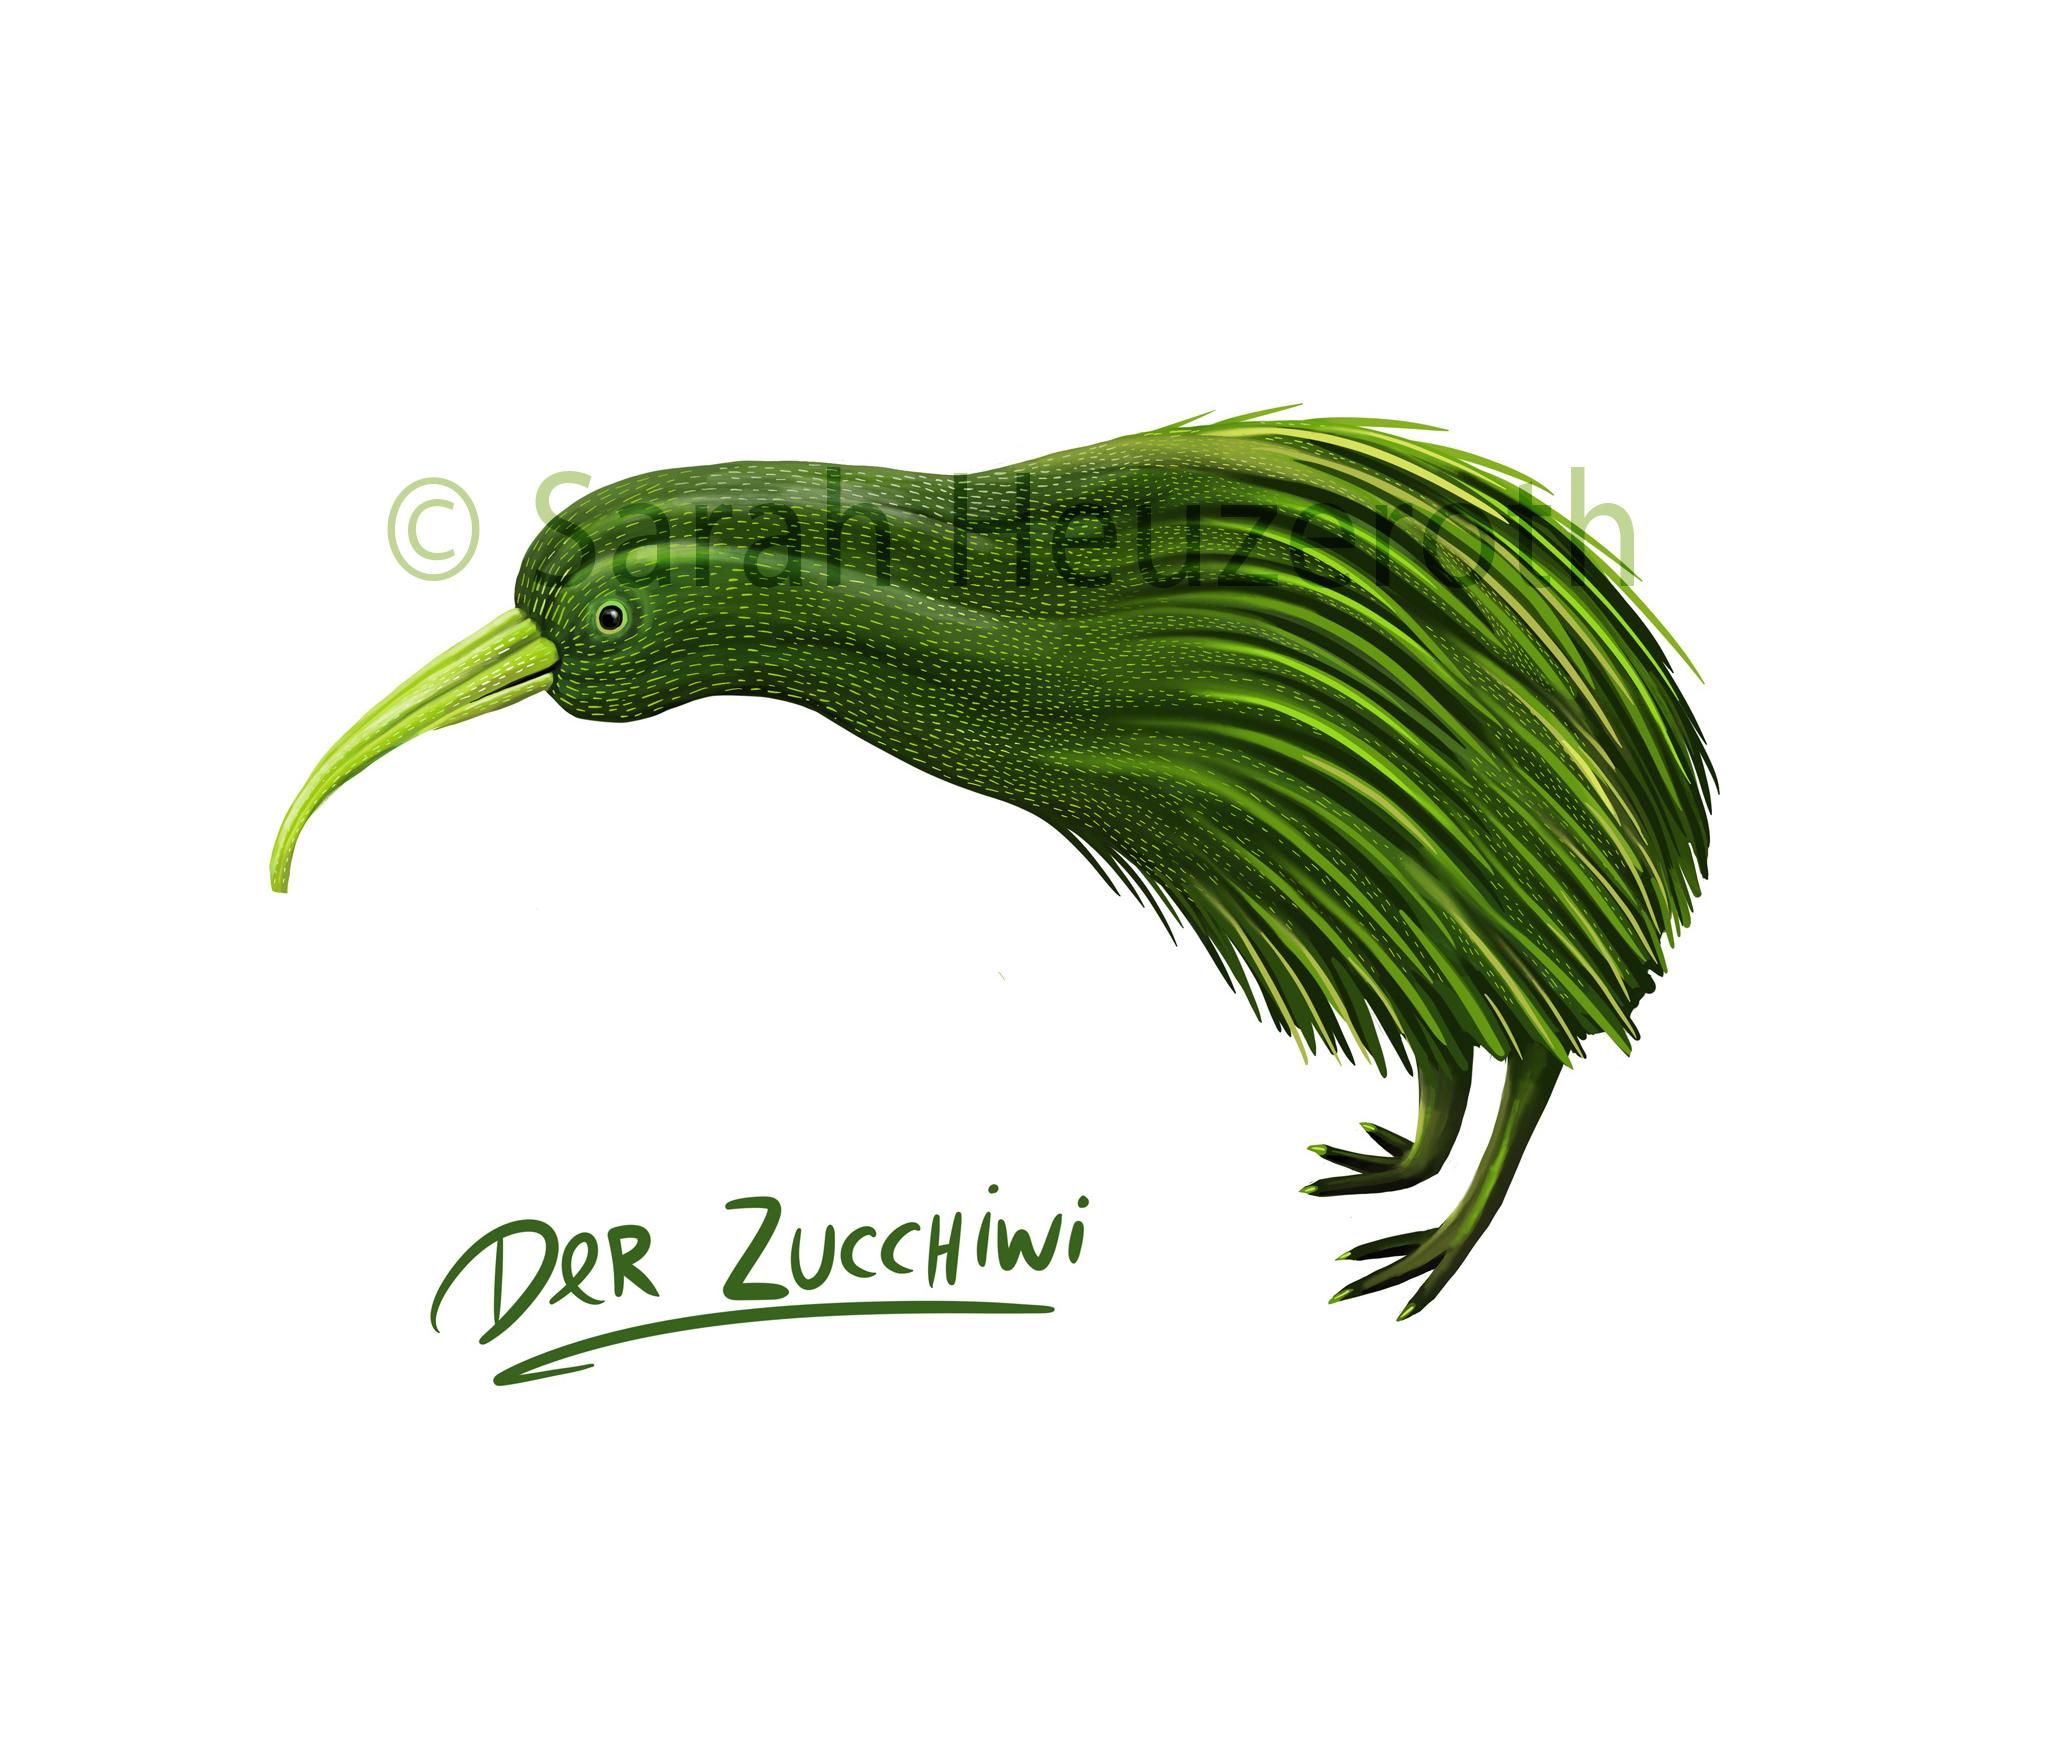 Zucchiwi_sarahheuzeroth_web_w